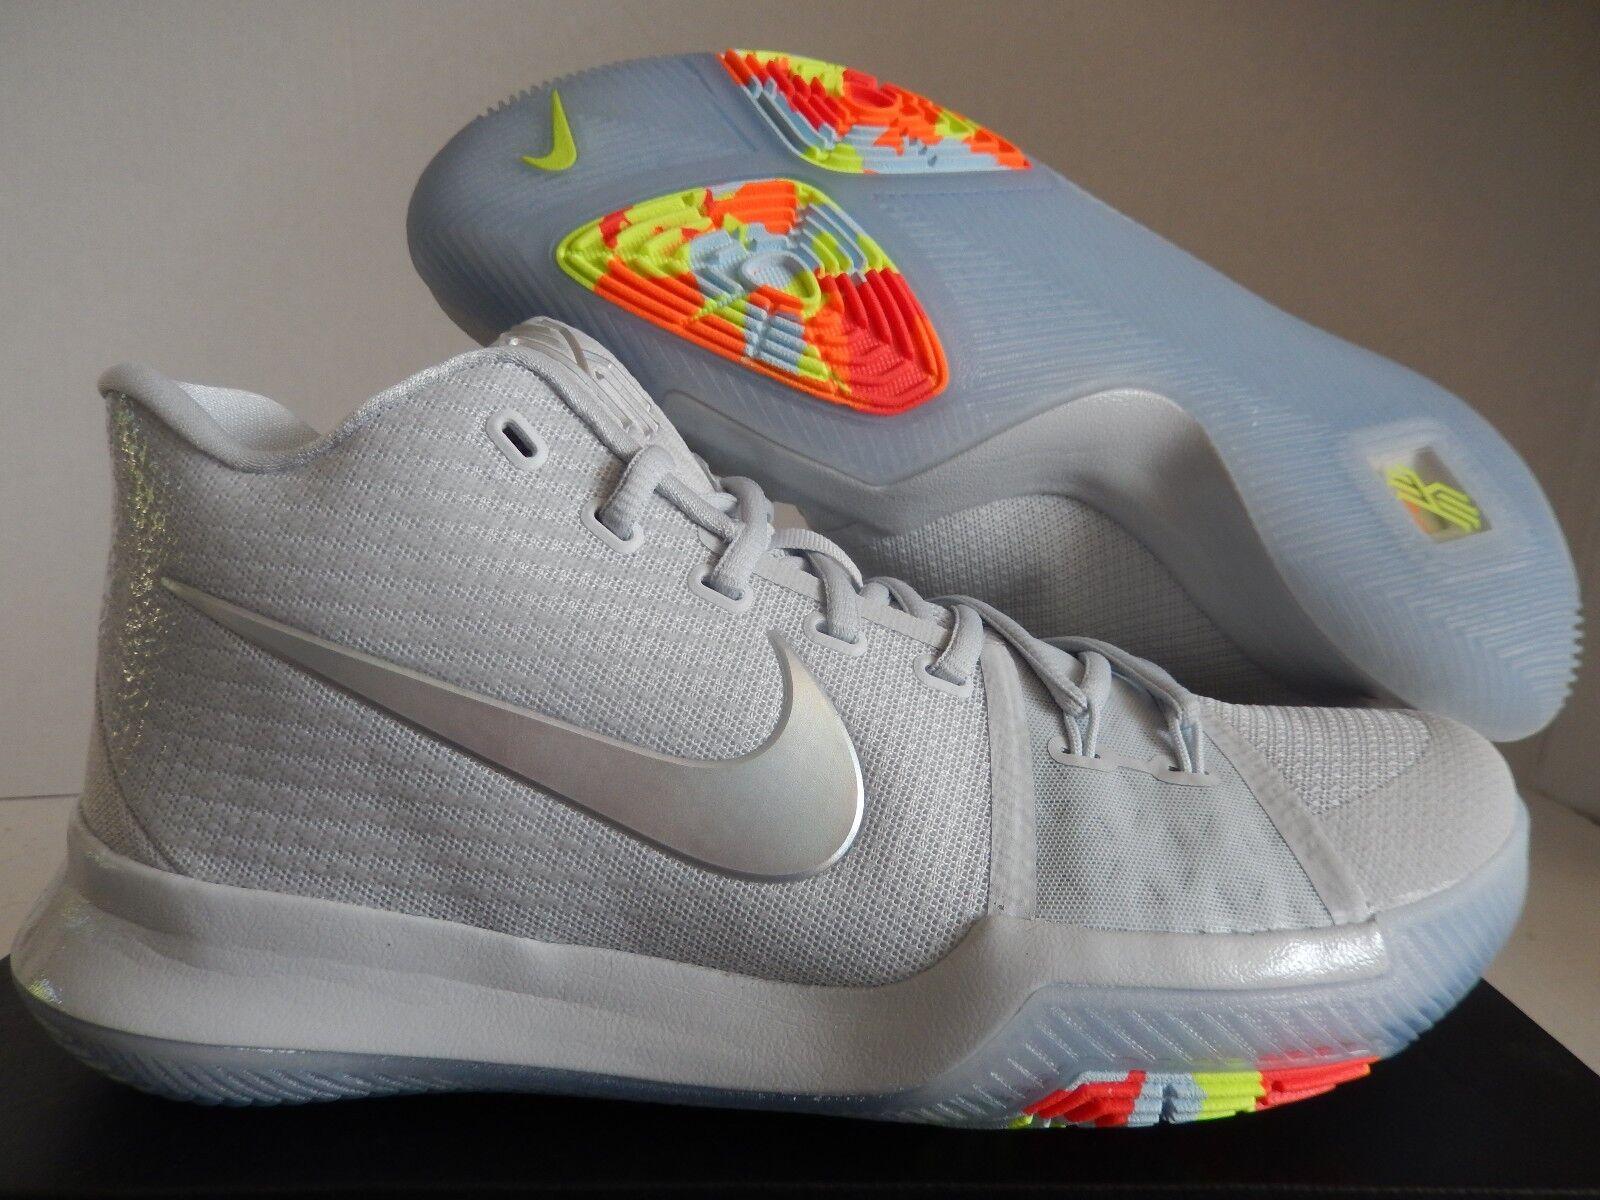 Nike kyrie 3 ts